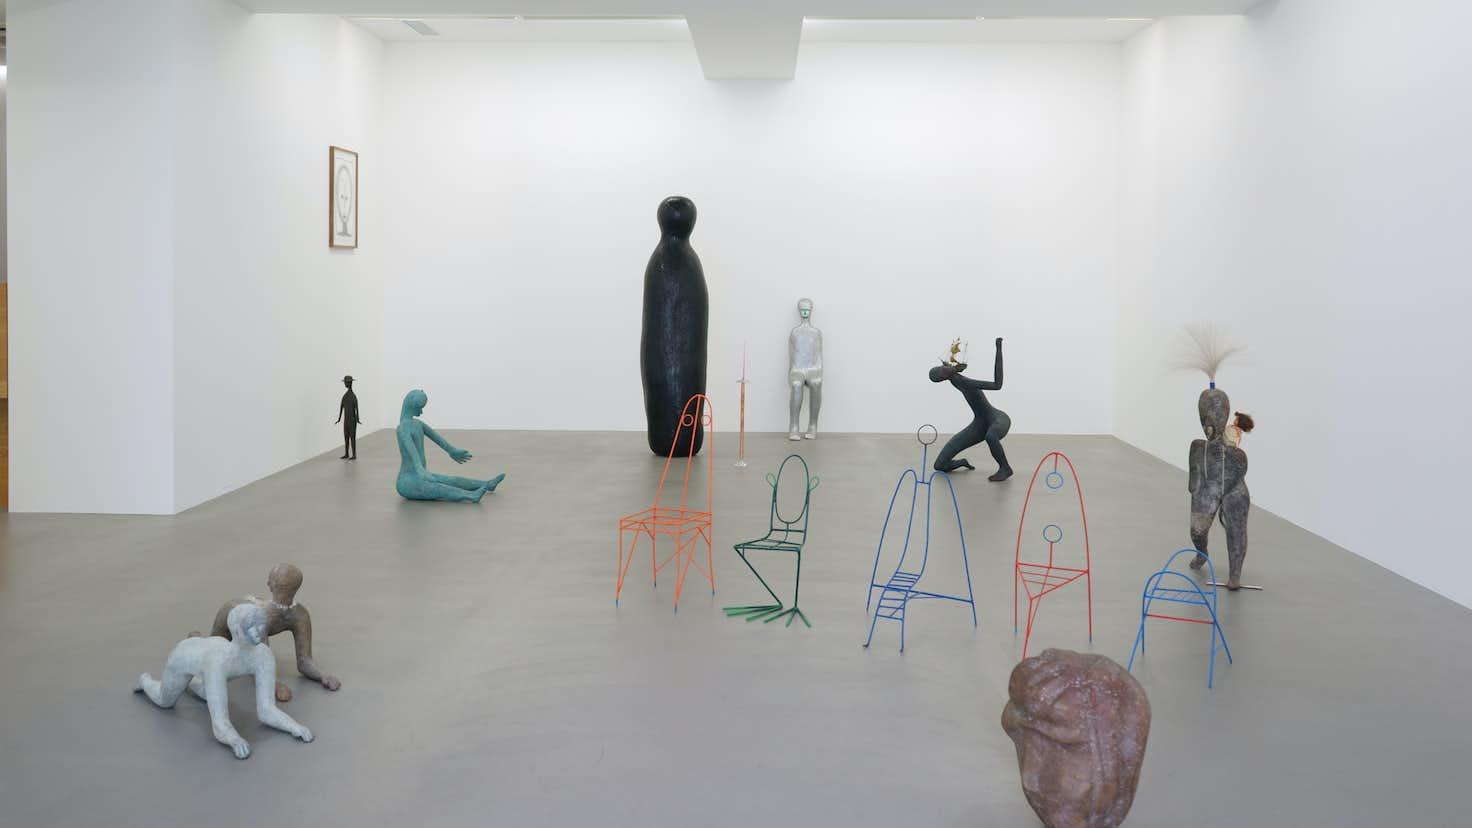 人物像を追求する彫刻家の最新作。大森俊克が見た、ヘンク・フィシュ ...